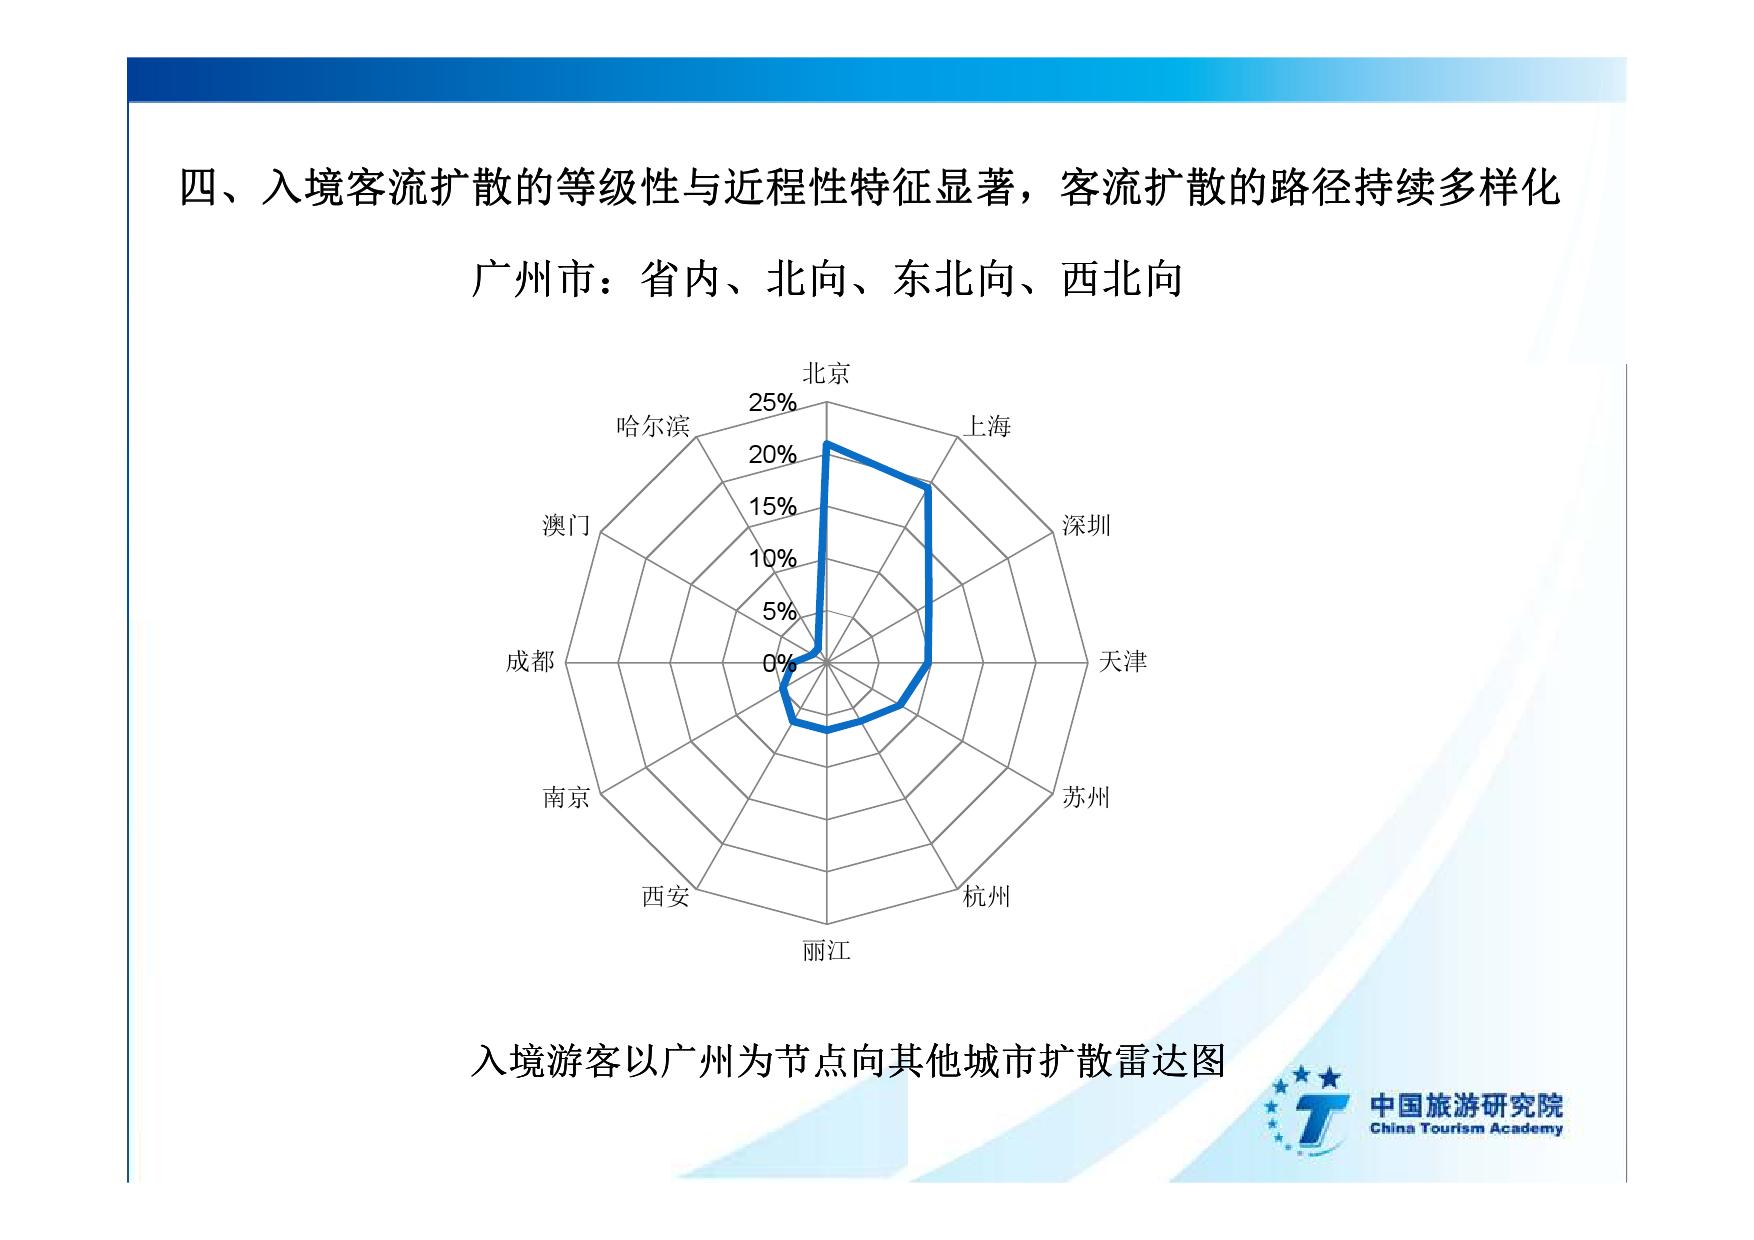 2016中国入境旅游发展年度报告_000032